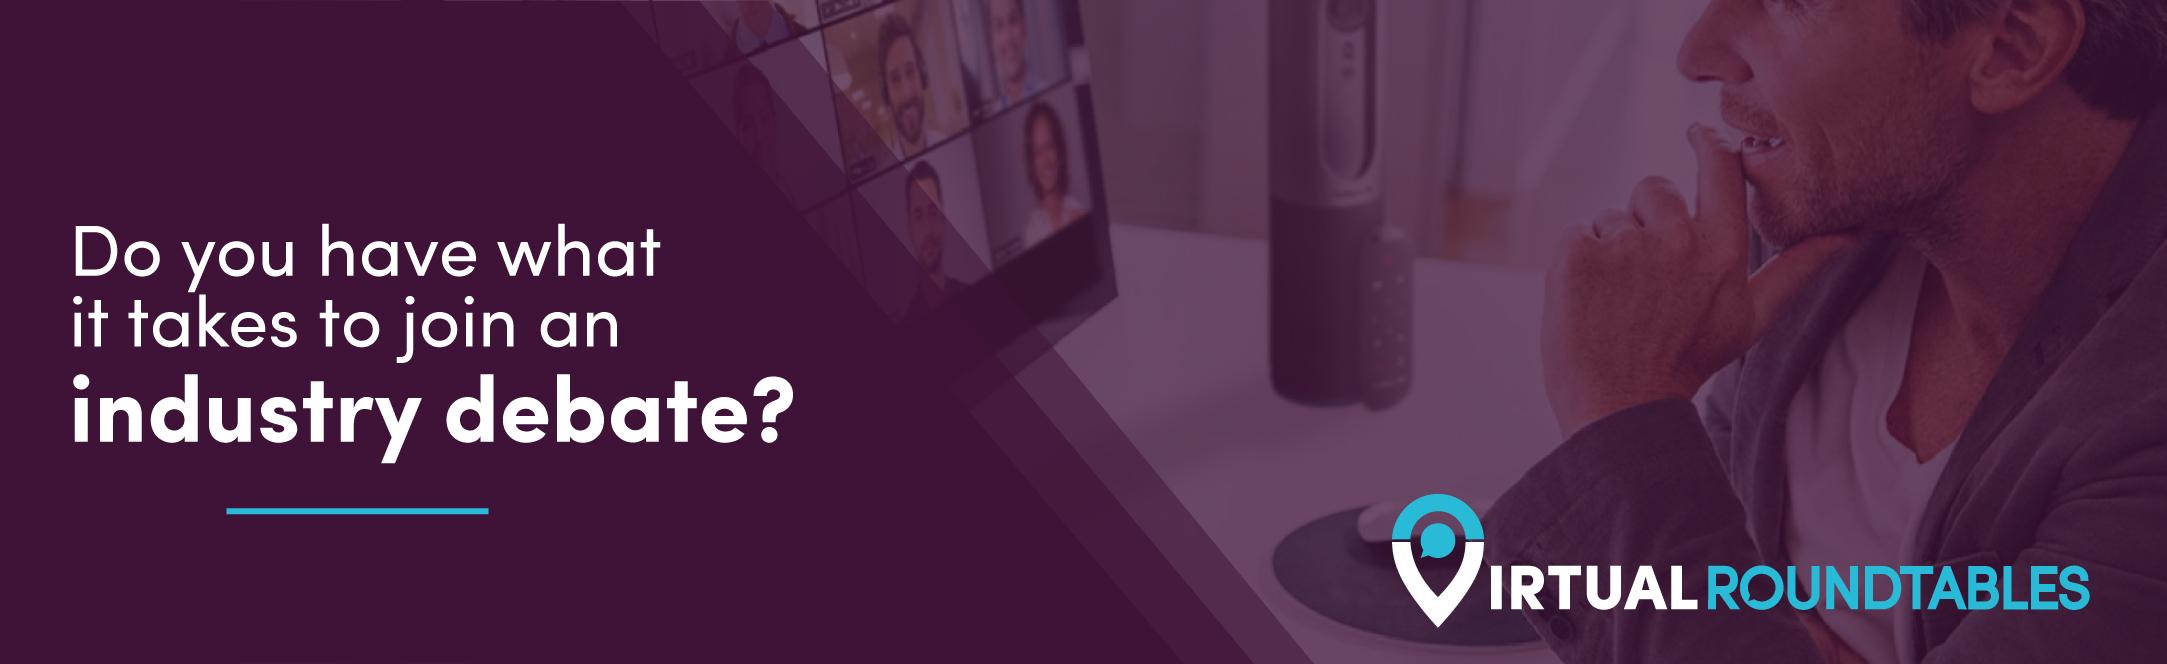 Industry Debate virtual roundtables